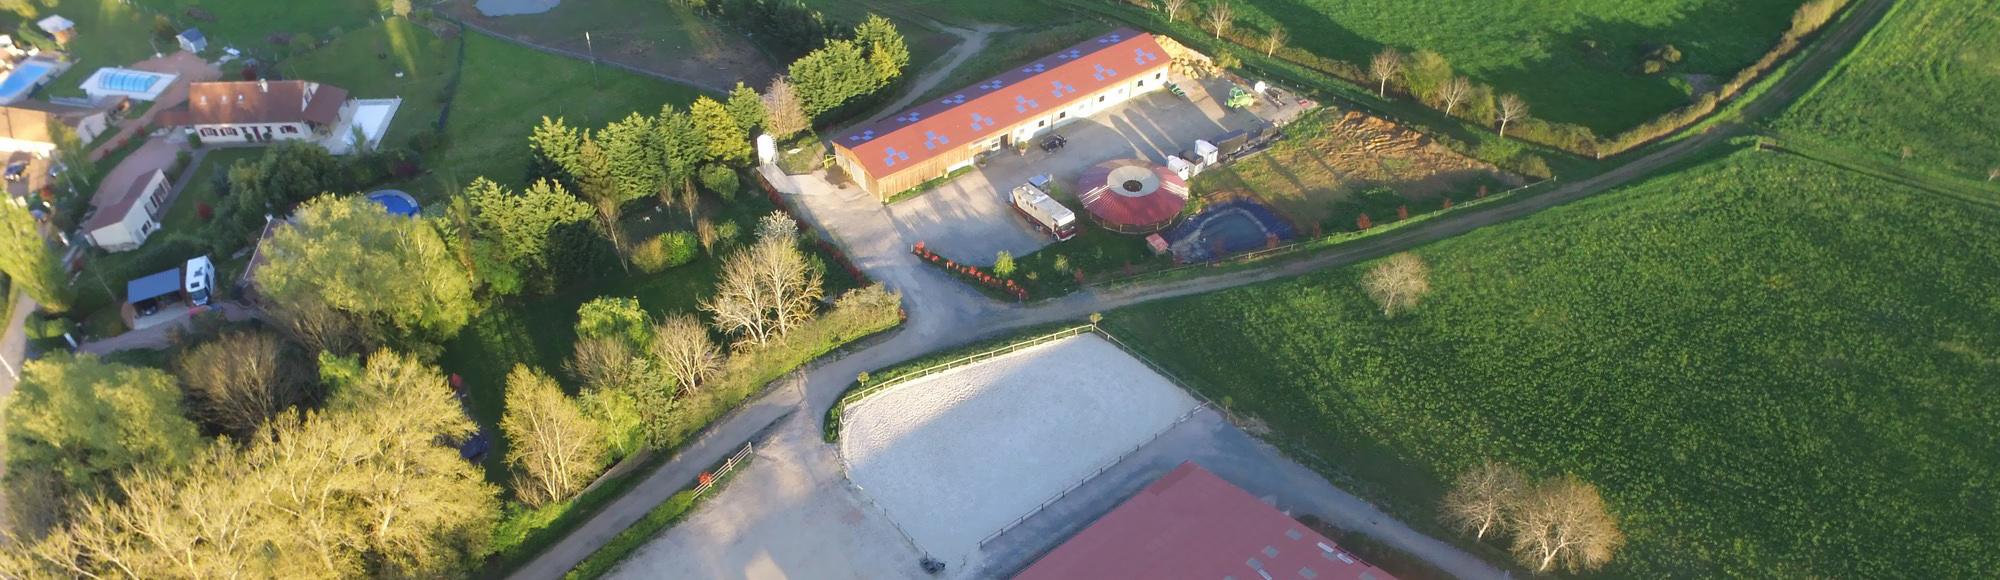 Centre Equestre Allier - Vichy - Les Ecuries de Verduizants